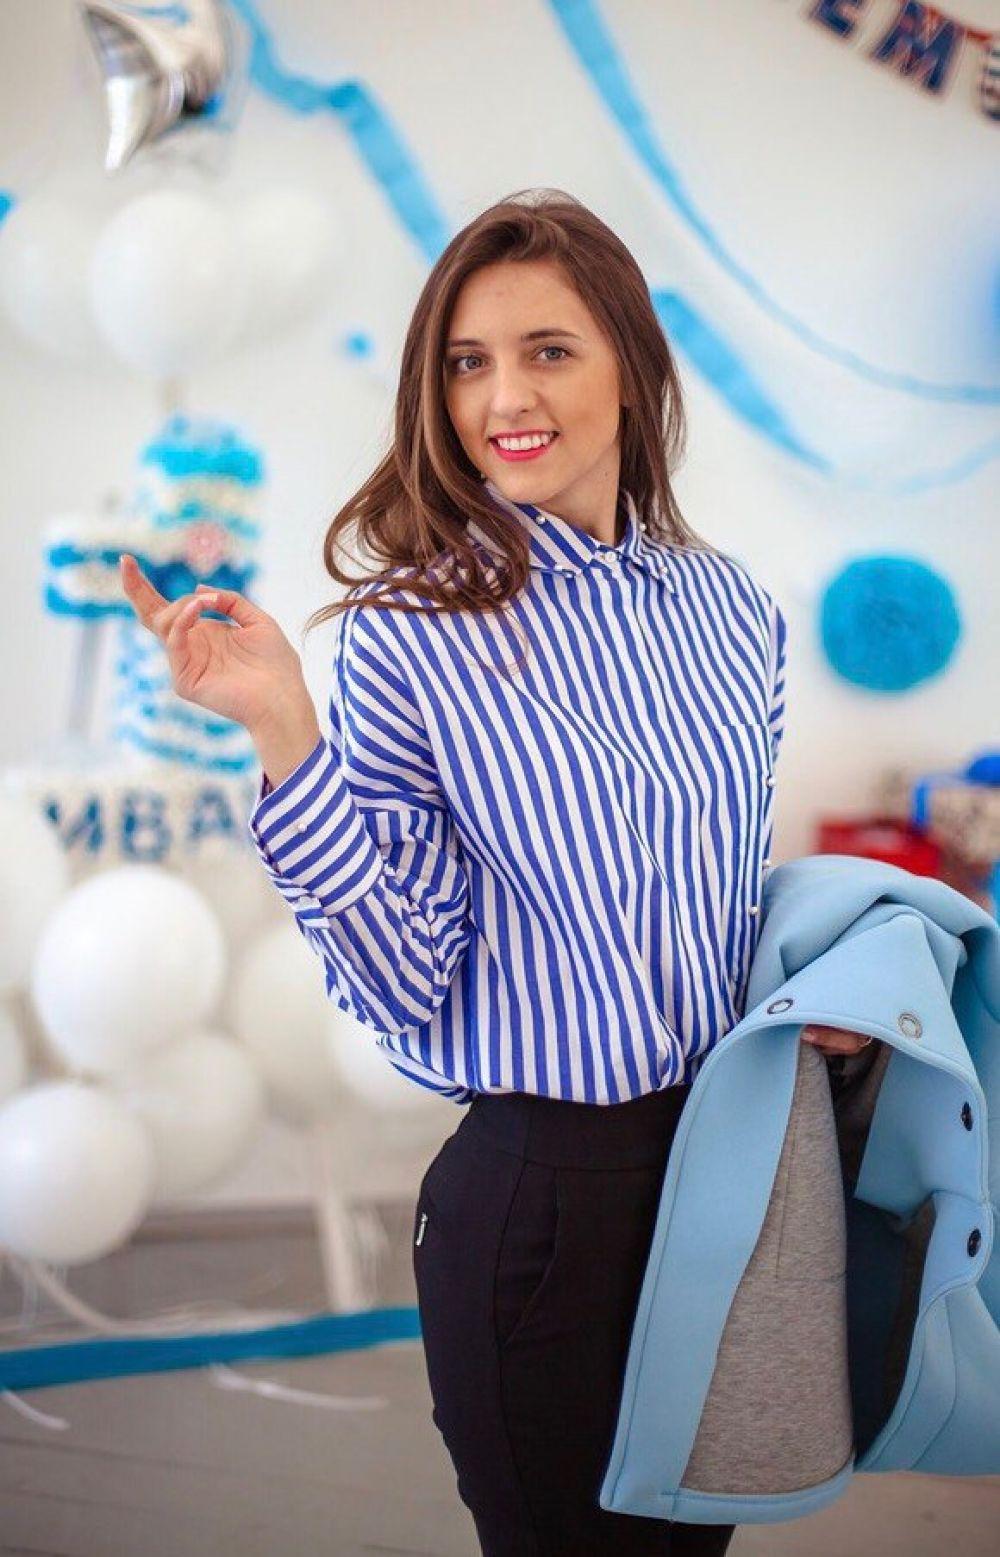 Куннова Кристина, 26 лет. Образование высшее. Генеральный директор компании «Оранжевый Манго». Хобби: путешествия.